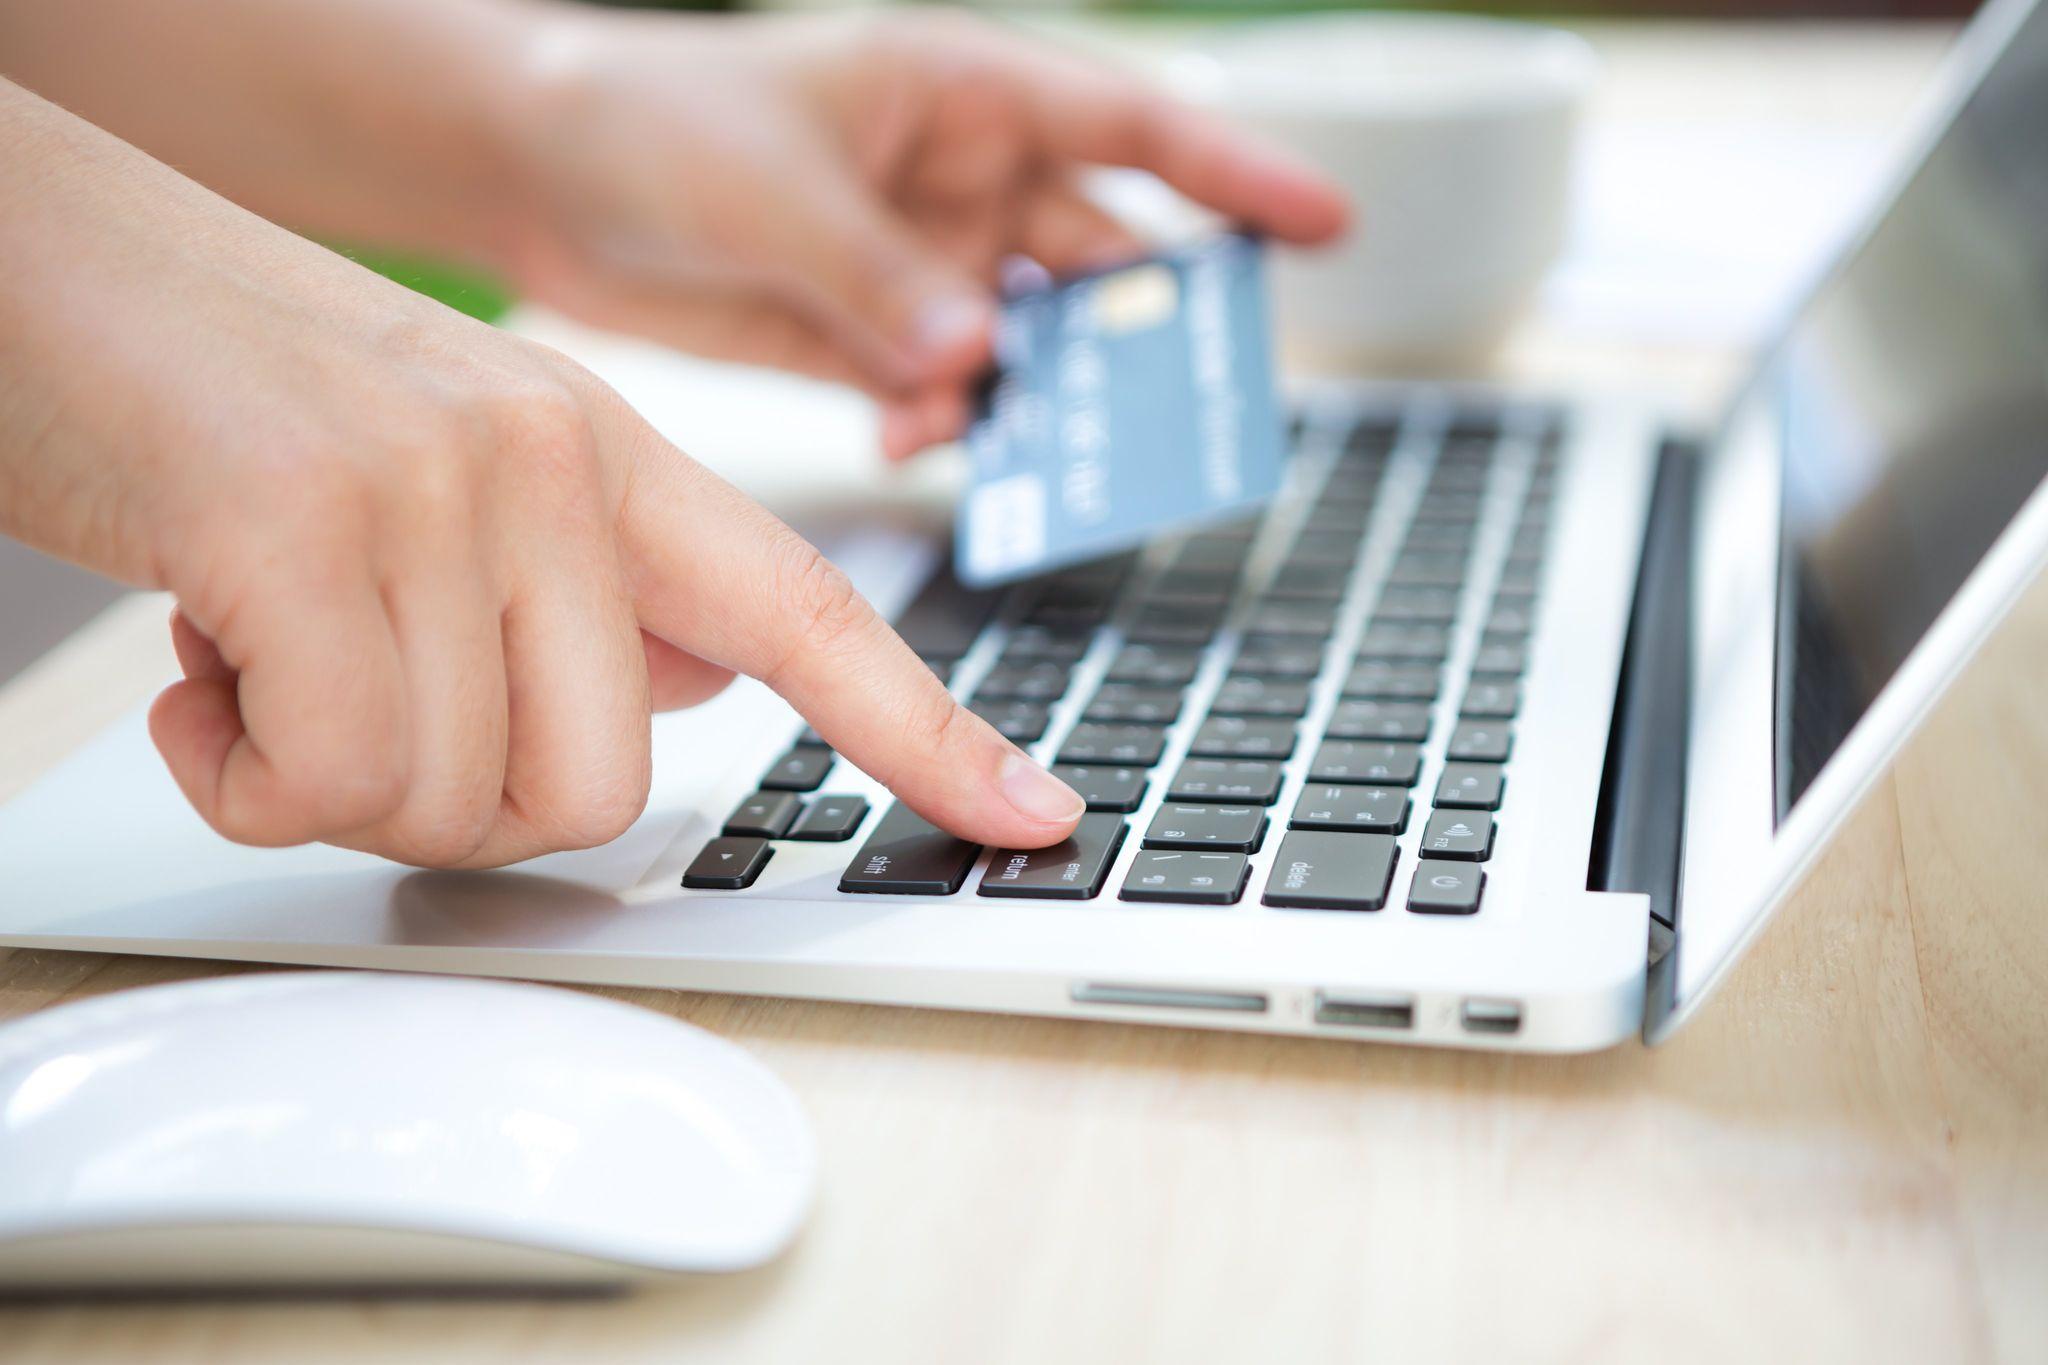 Έλεγχος με ένα κλικ τραπεζικών λογαριασμών- πληρωμών – κινήσεων πιστωτικών καρτών για 10ετία